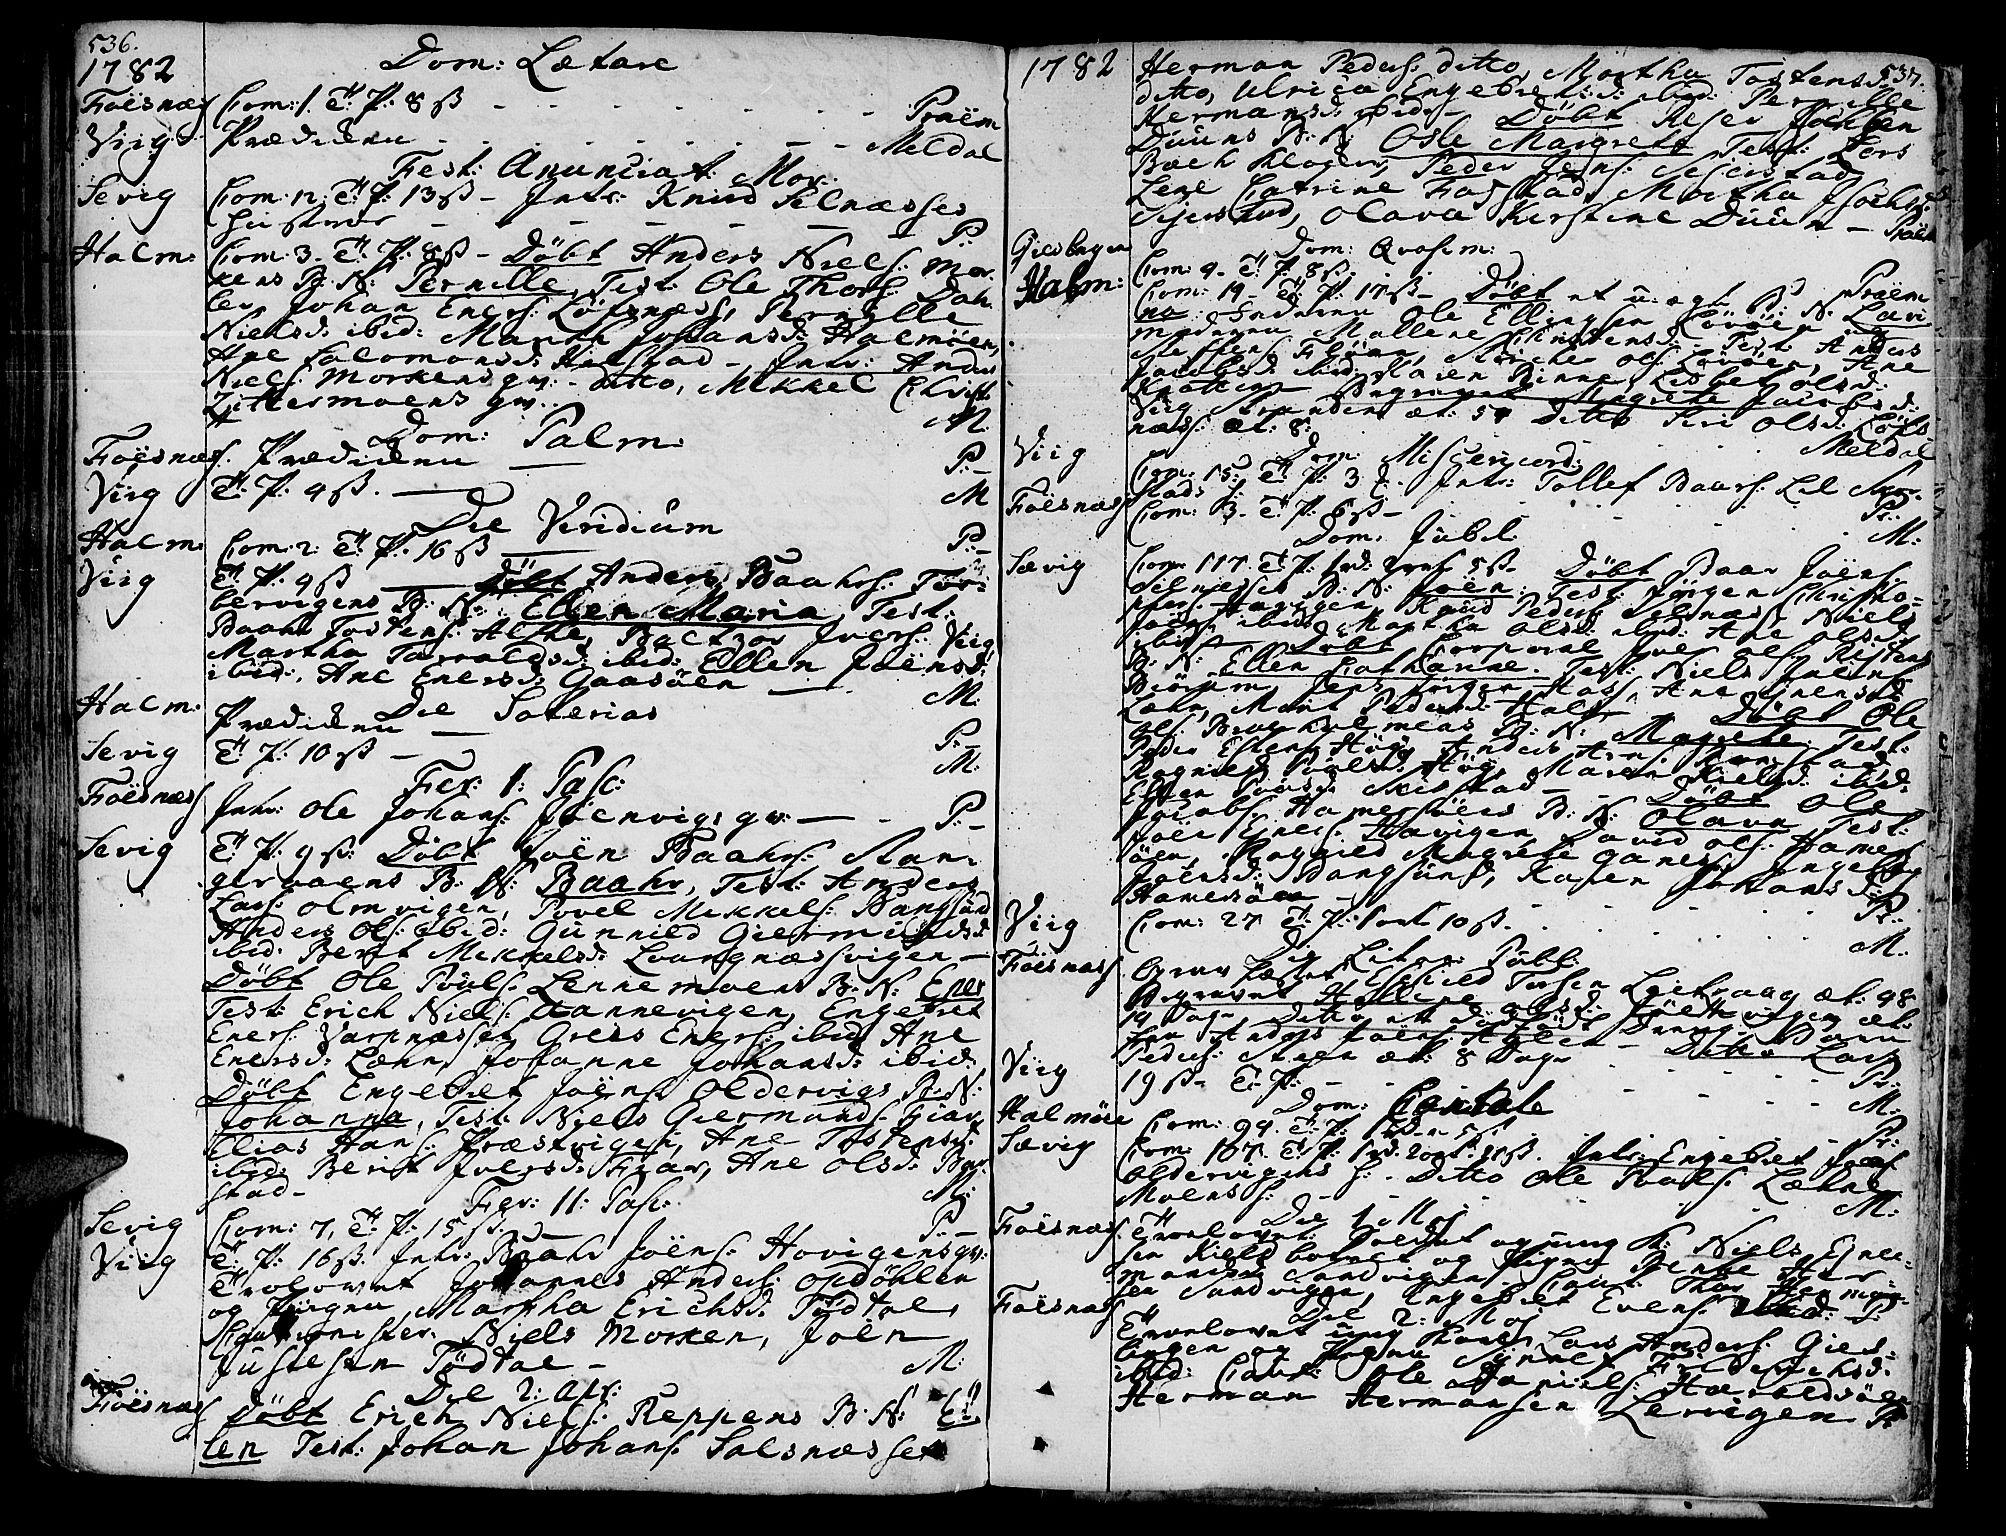 SAT, Ministerialprotokoller, klokkerbøker og fødselsregistre - Nord-Trøndelag, 773/L0607: Ministerialbok nr. 773A01, 1751-1783, s. 536-537